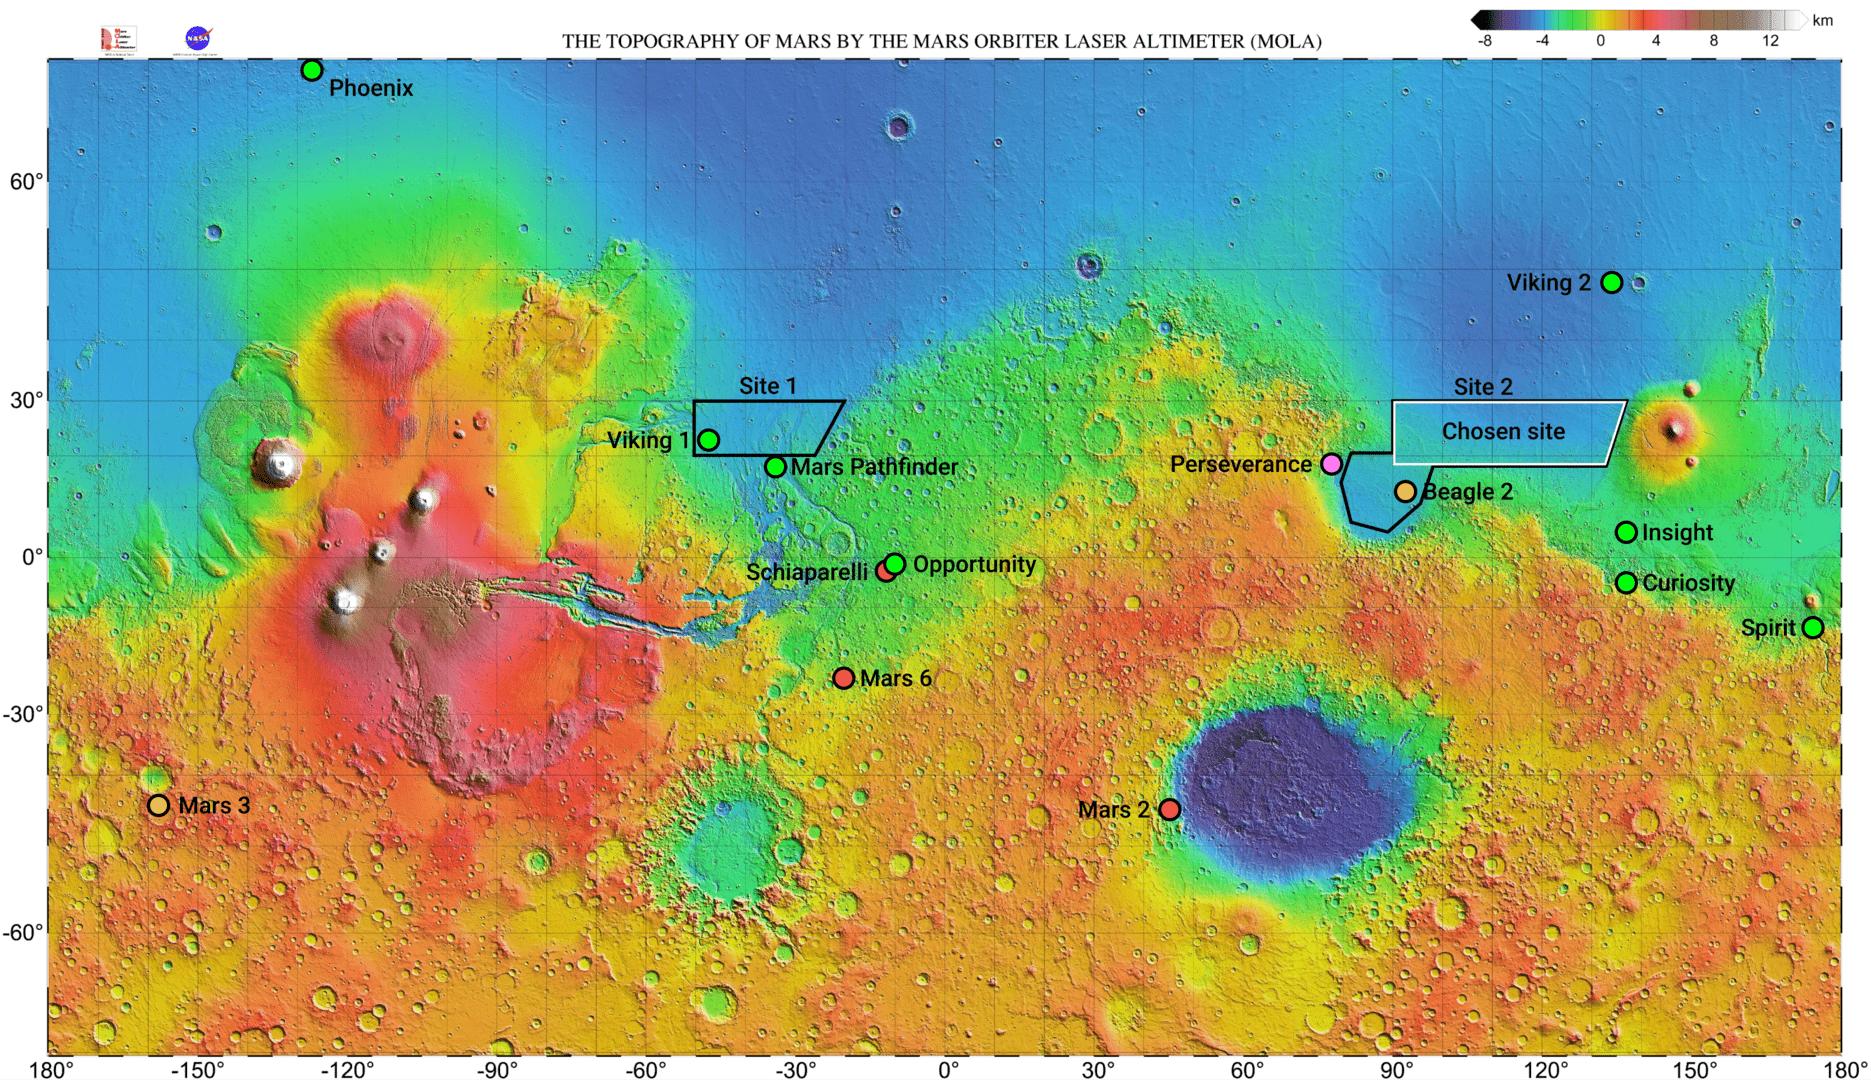 Sito di atterraggio scelto per il rover Tianwen-1 e possibili backup. La cartina mostra anche tutte le missioni sulla superficie di Marte fino ad oggi tentate. Credits: Von Kaynouky - Eigenes Werk, CC BY-SA 4.0,